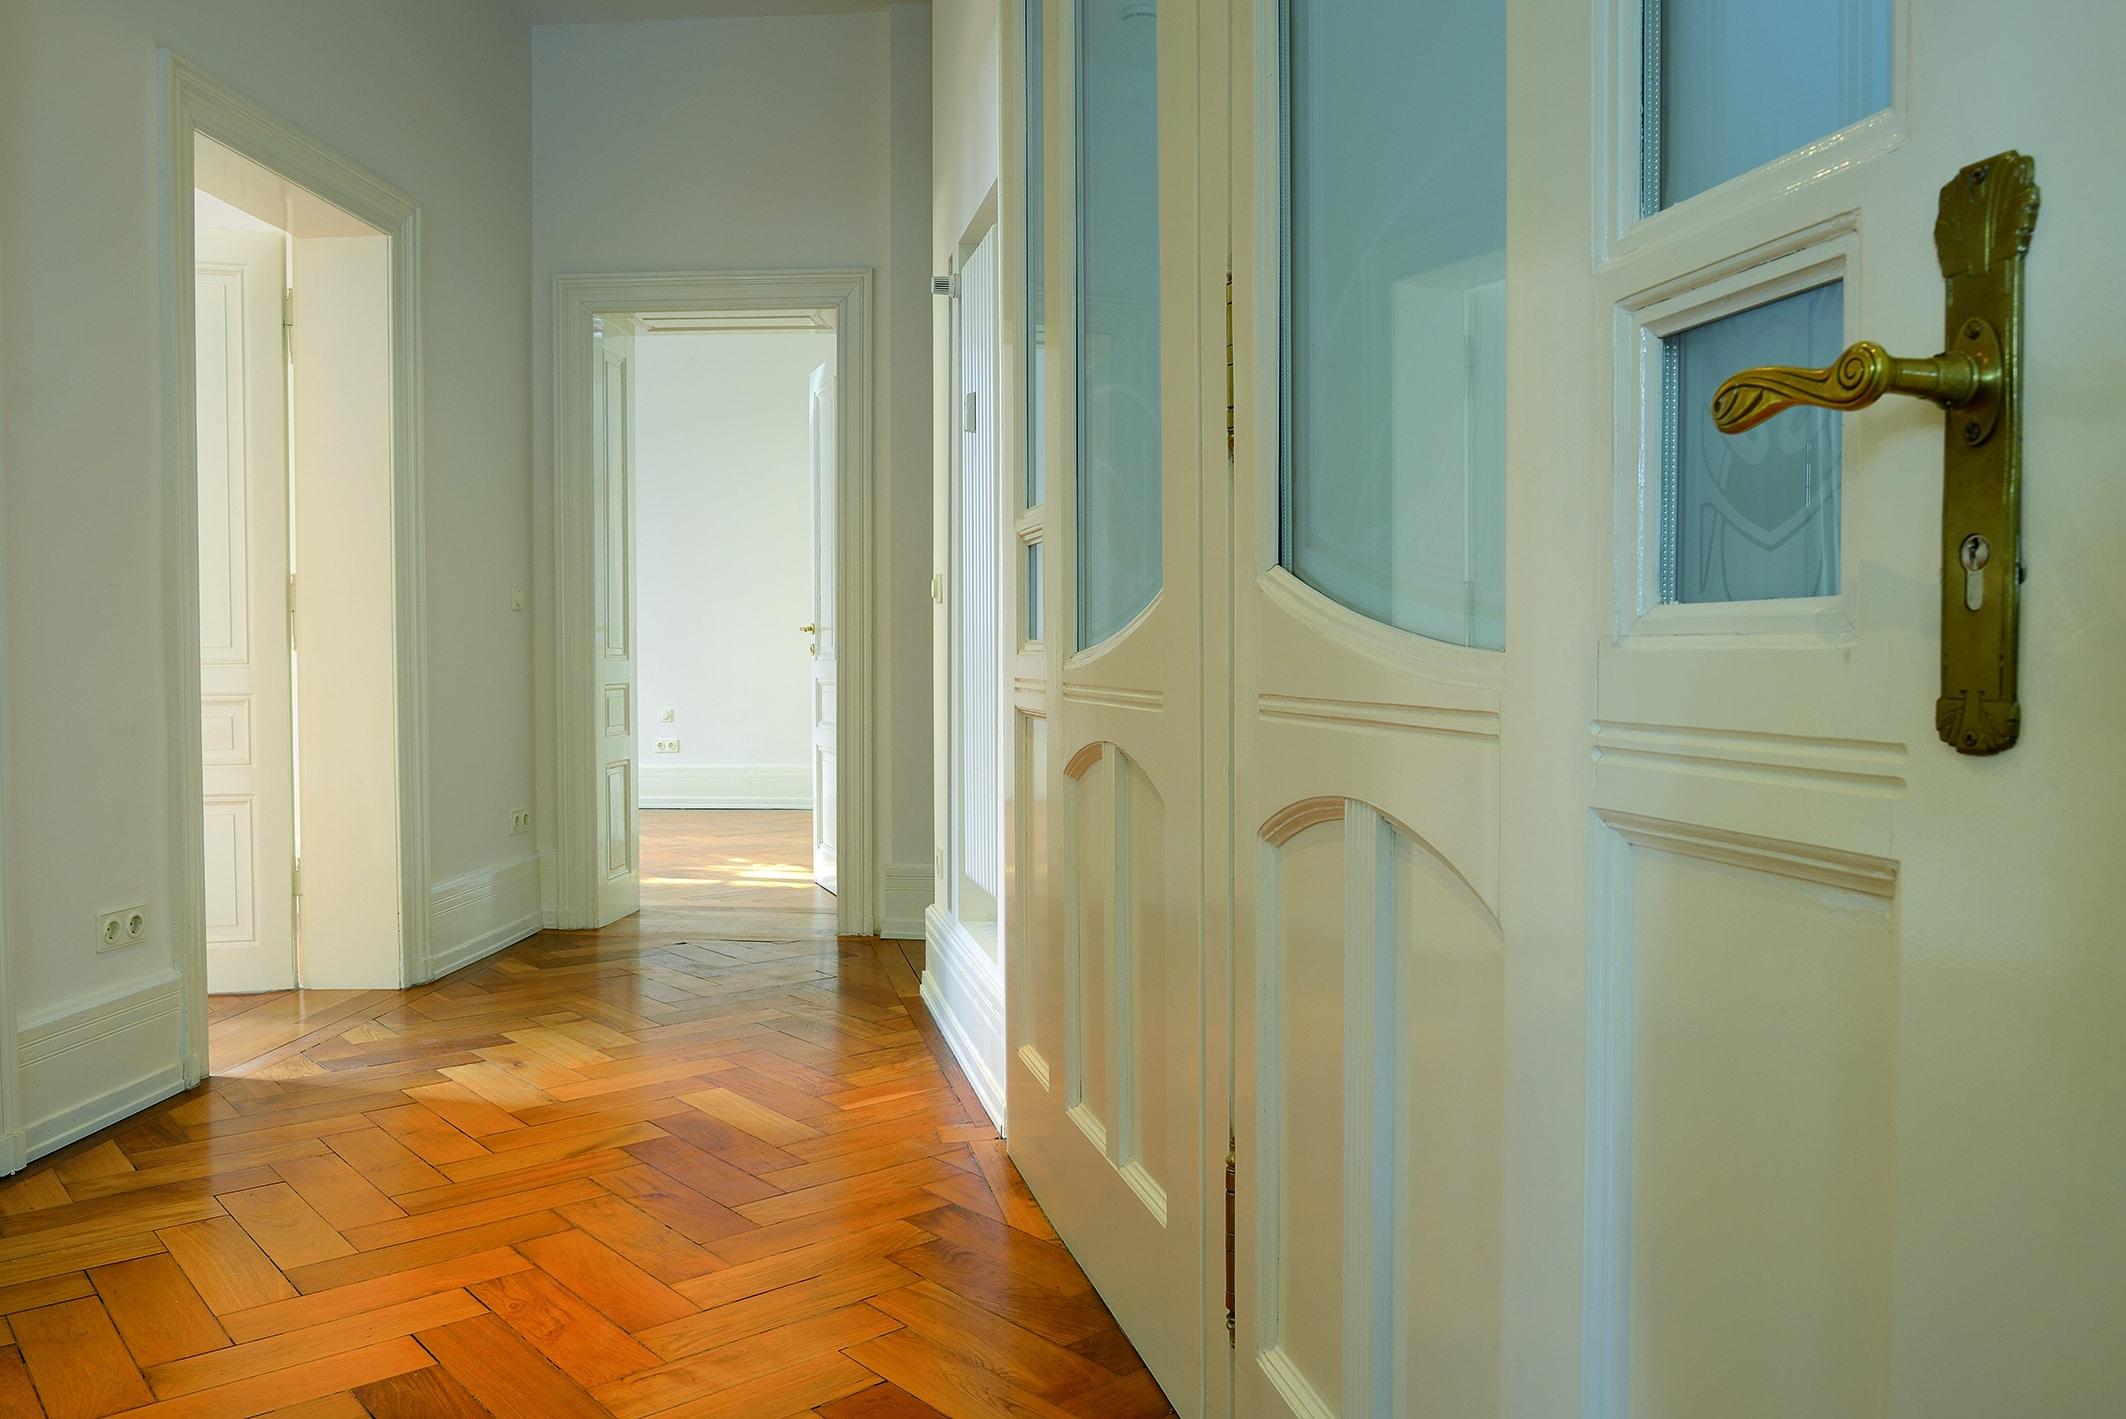 Geben Sie die Suche nach einem passenden Mieter in kompetente Hände. Für Sie als Vermieter übernehmen wir die Vermietung Ihrer Immobilie im Full-Service.